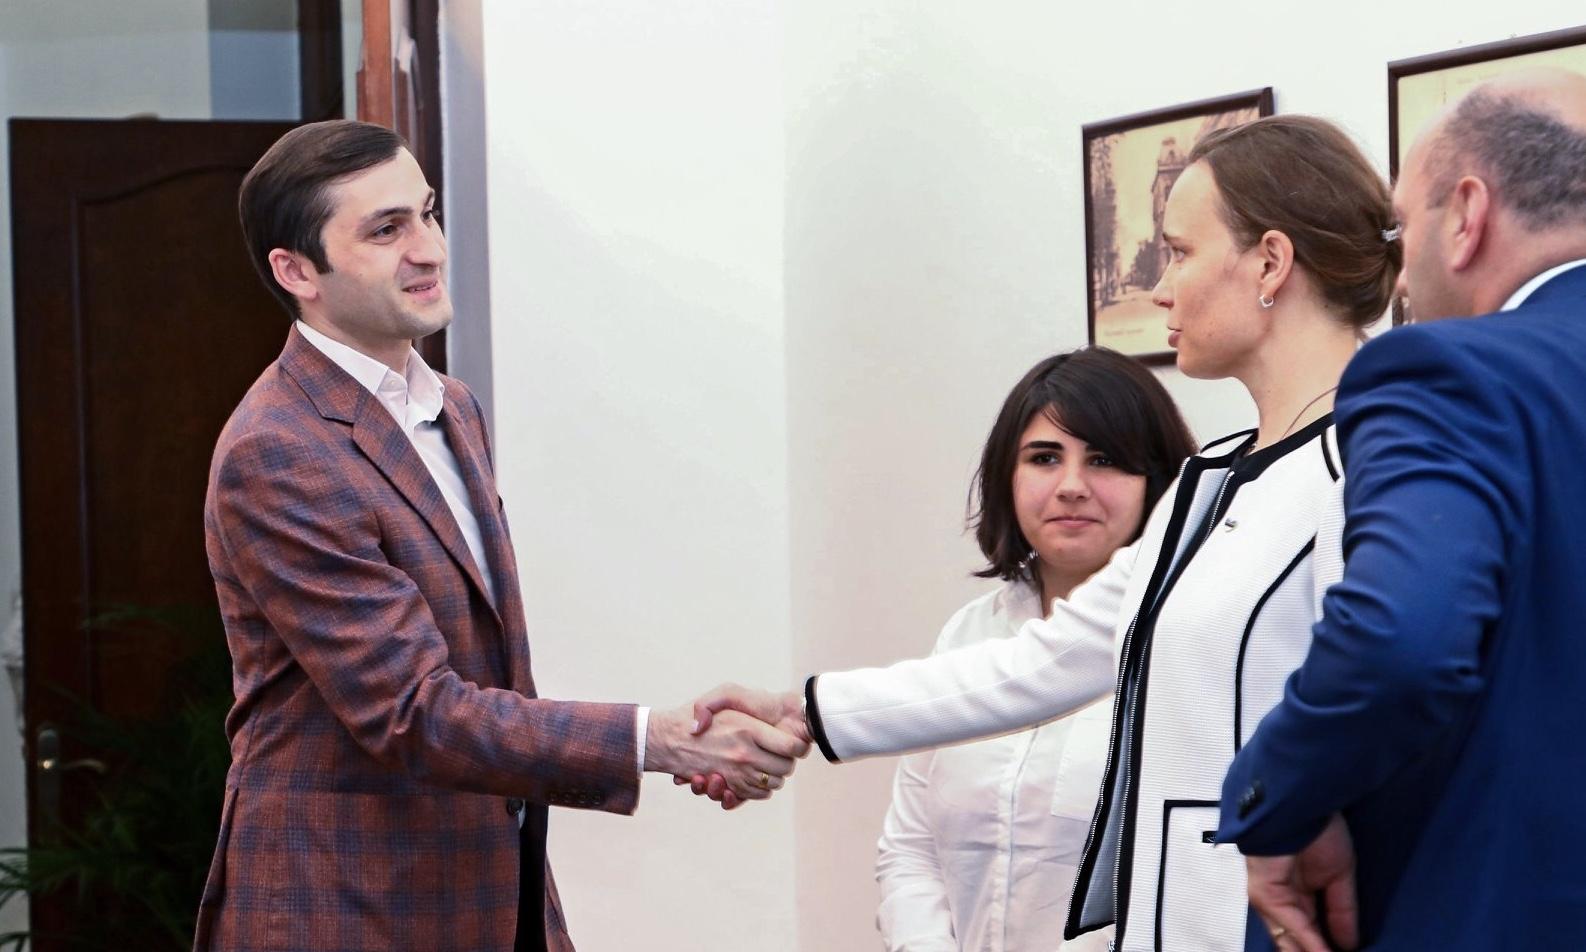 თორნიკე რიჟვაძე ესტონეთის ელჩს და UNICEF-ის წარმომადგენელს შეხვდა